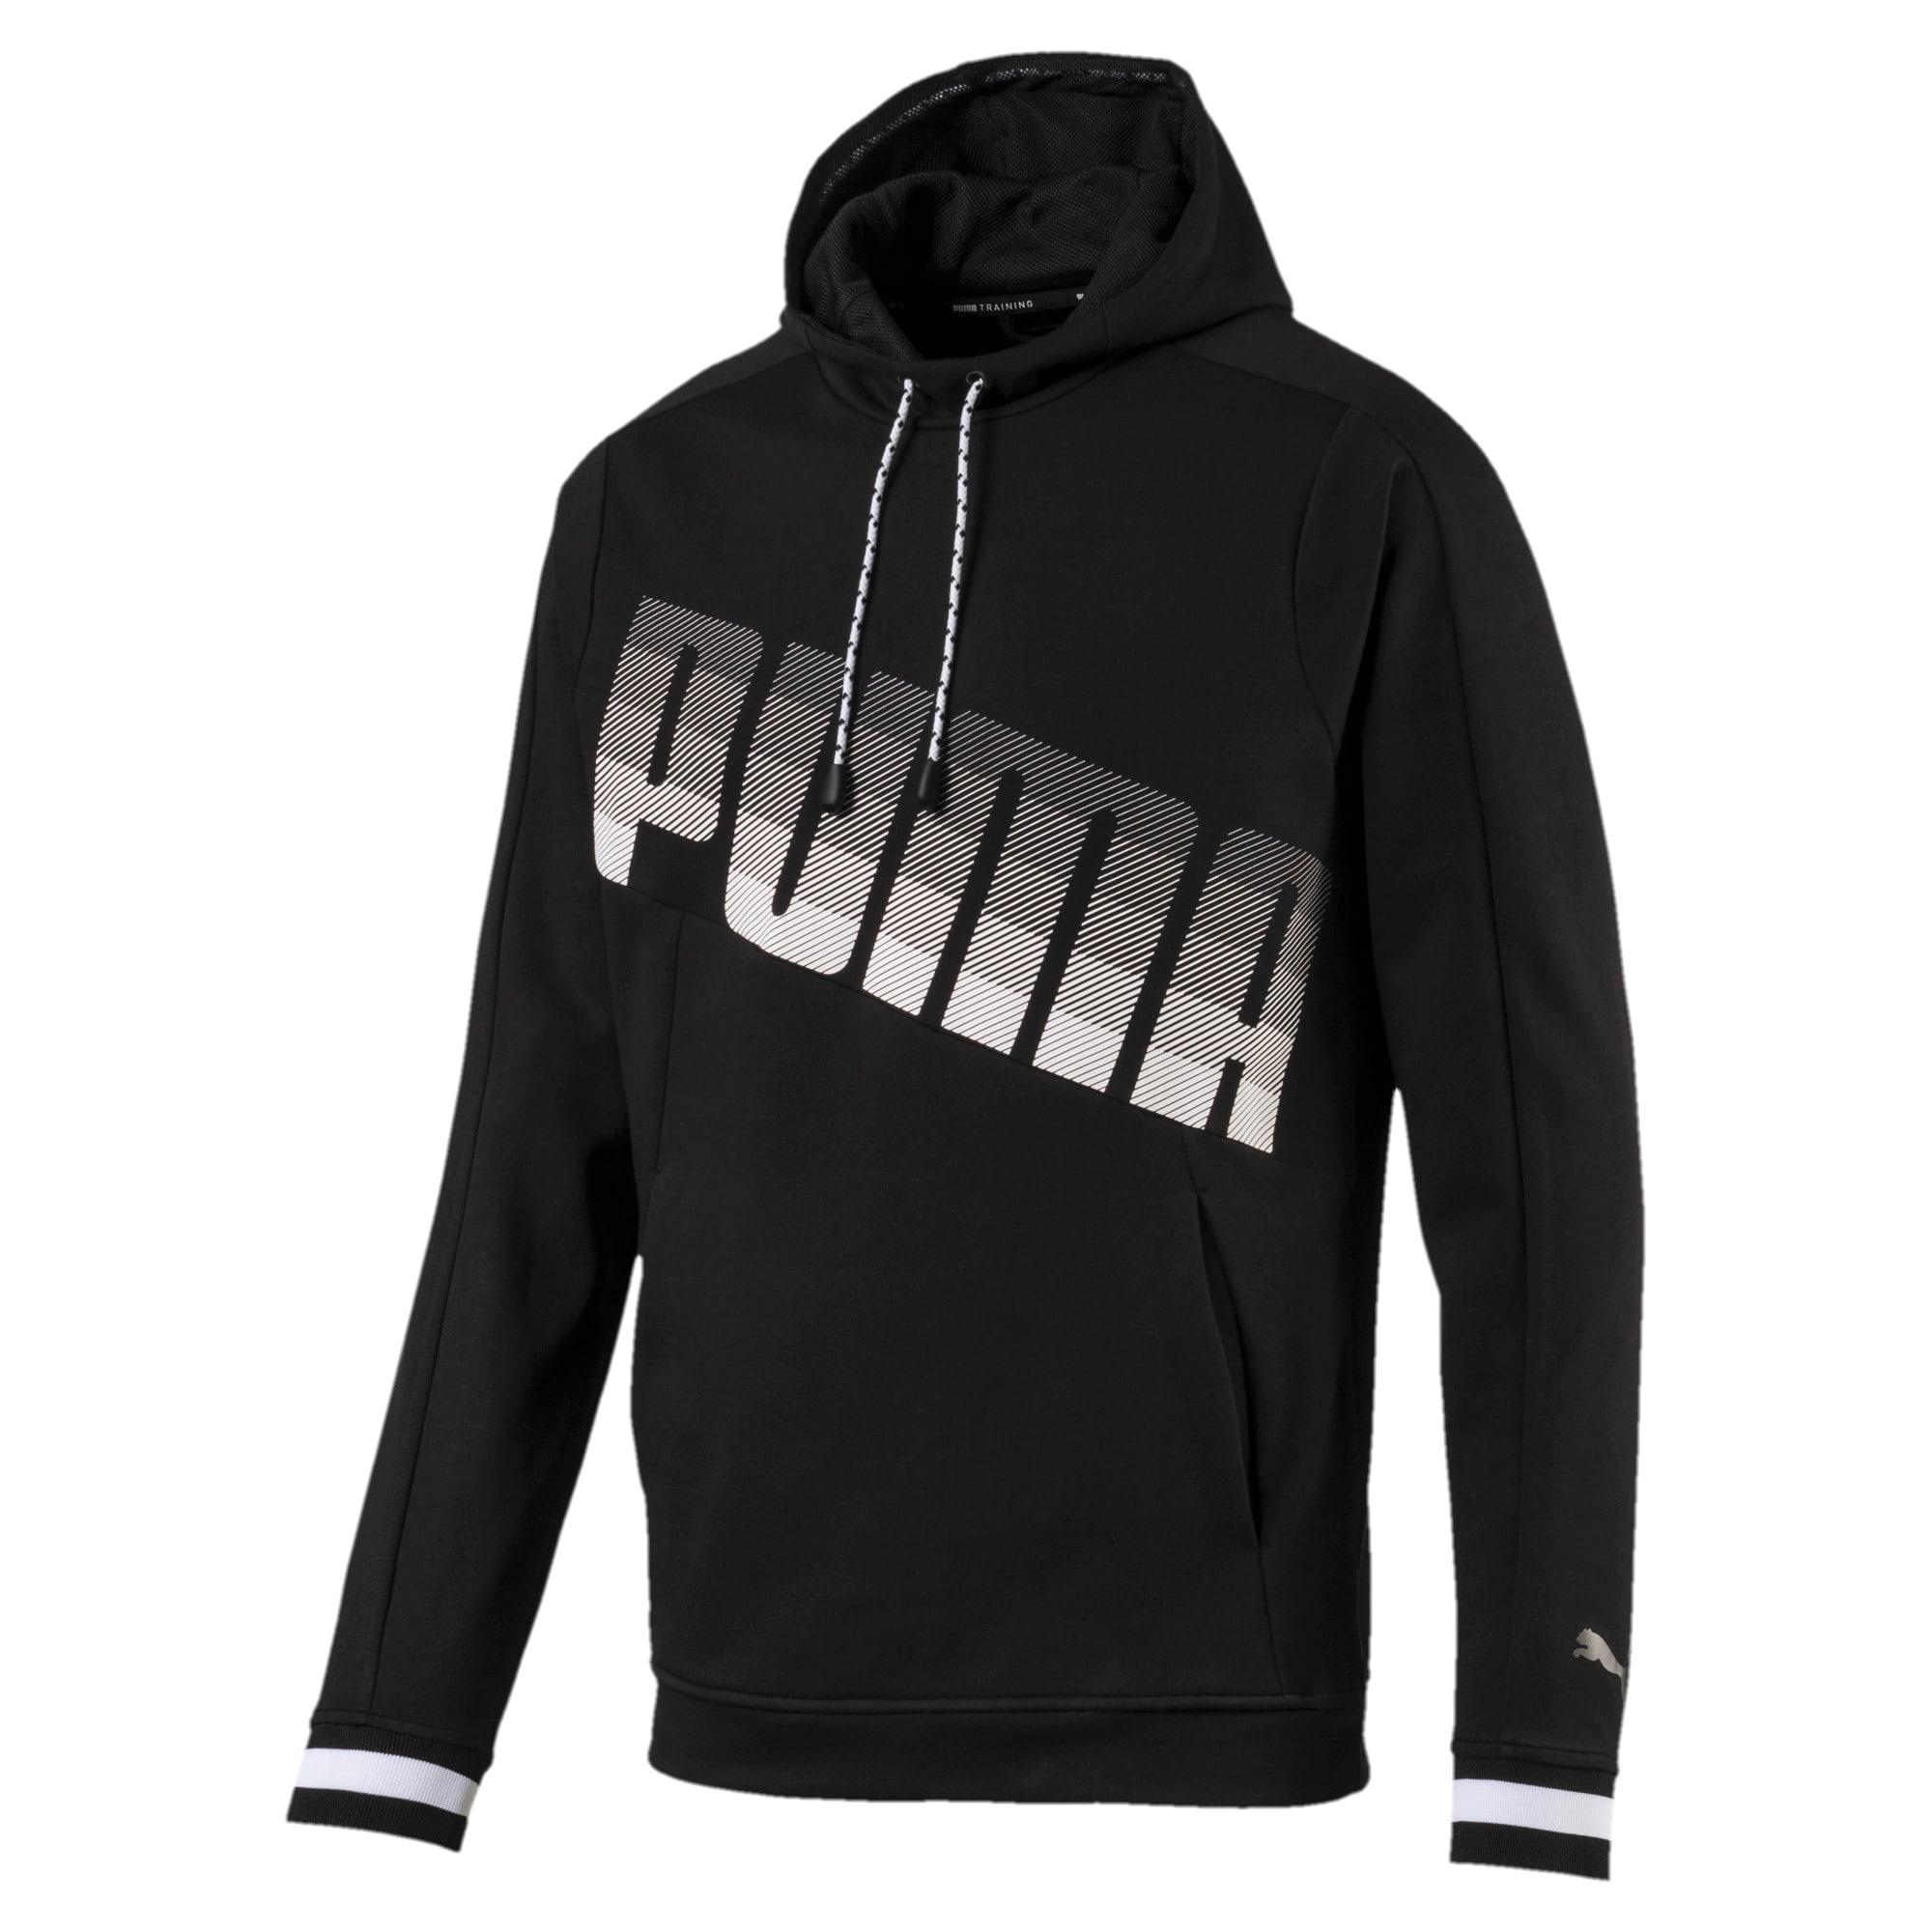 Thumbnail 4 of Collective hoodie voor heren, Puma Black, medium